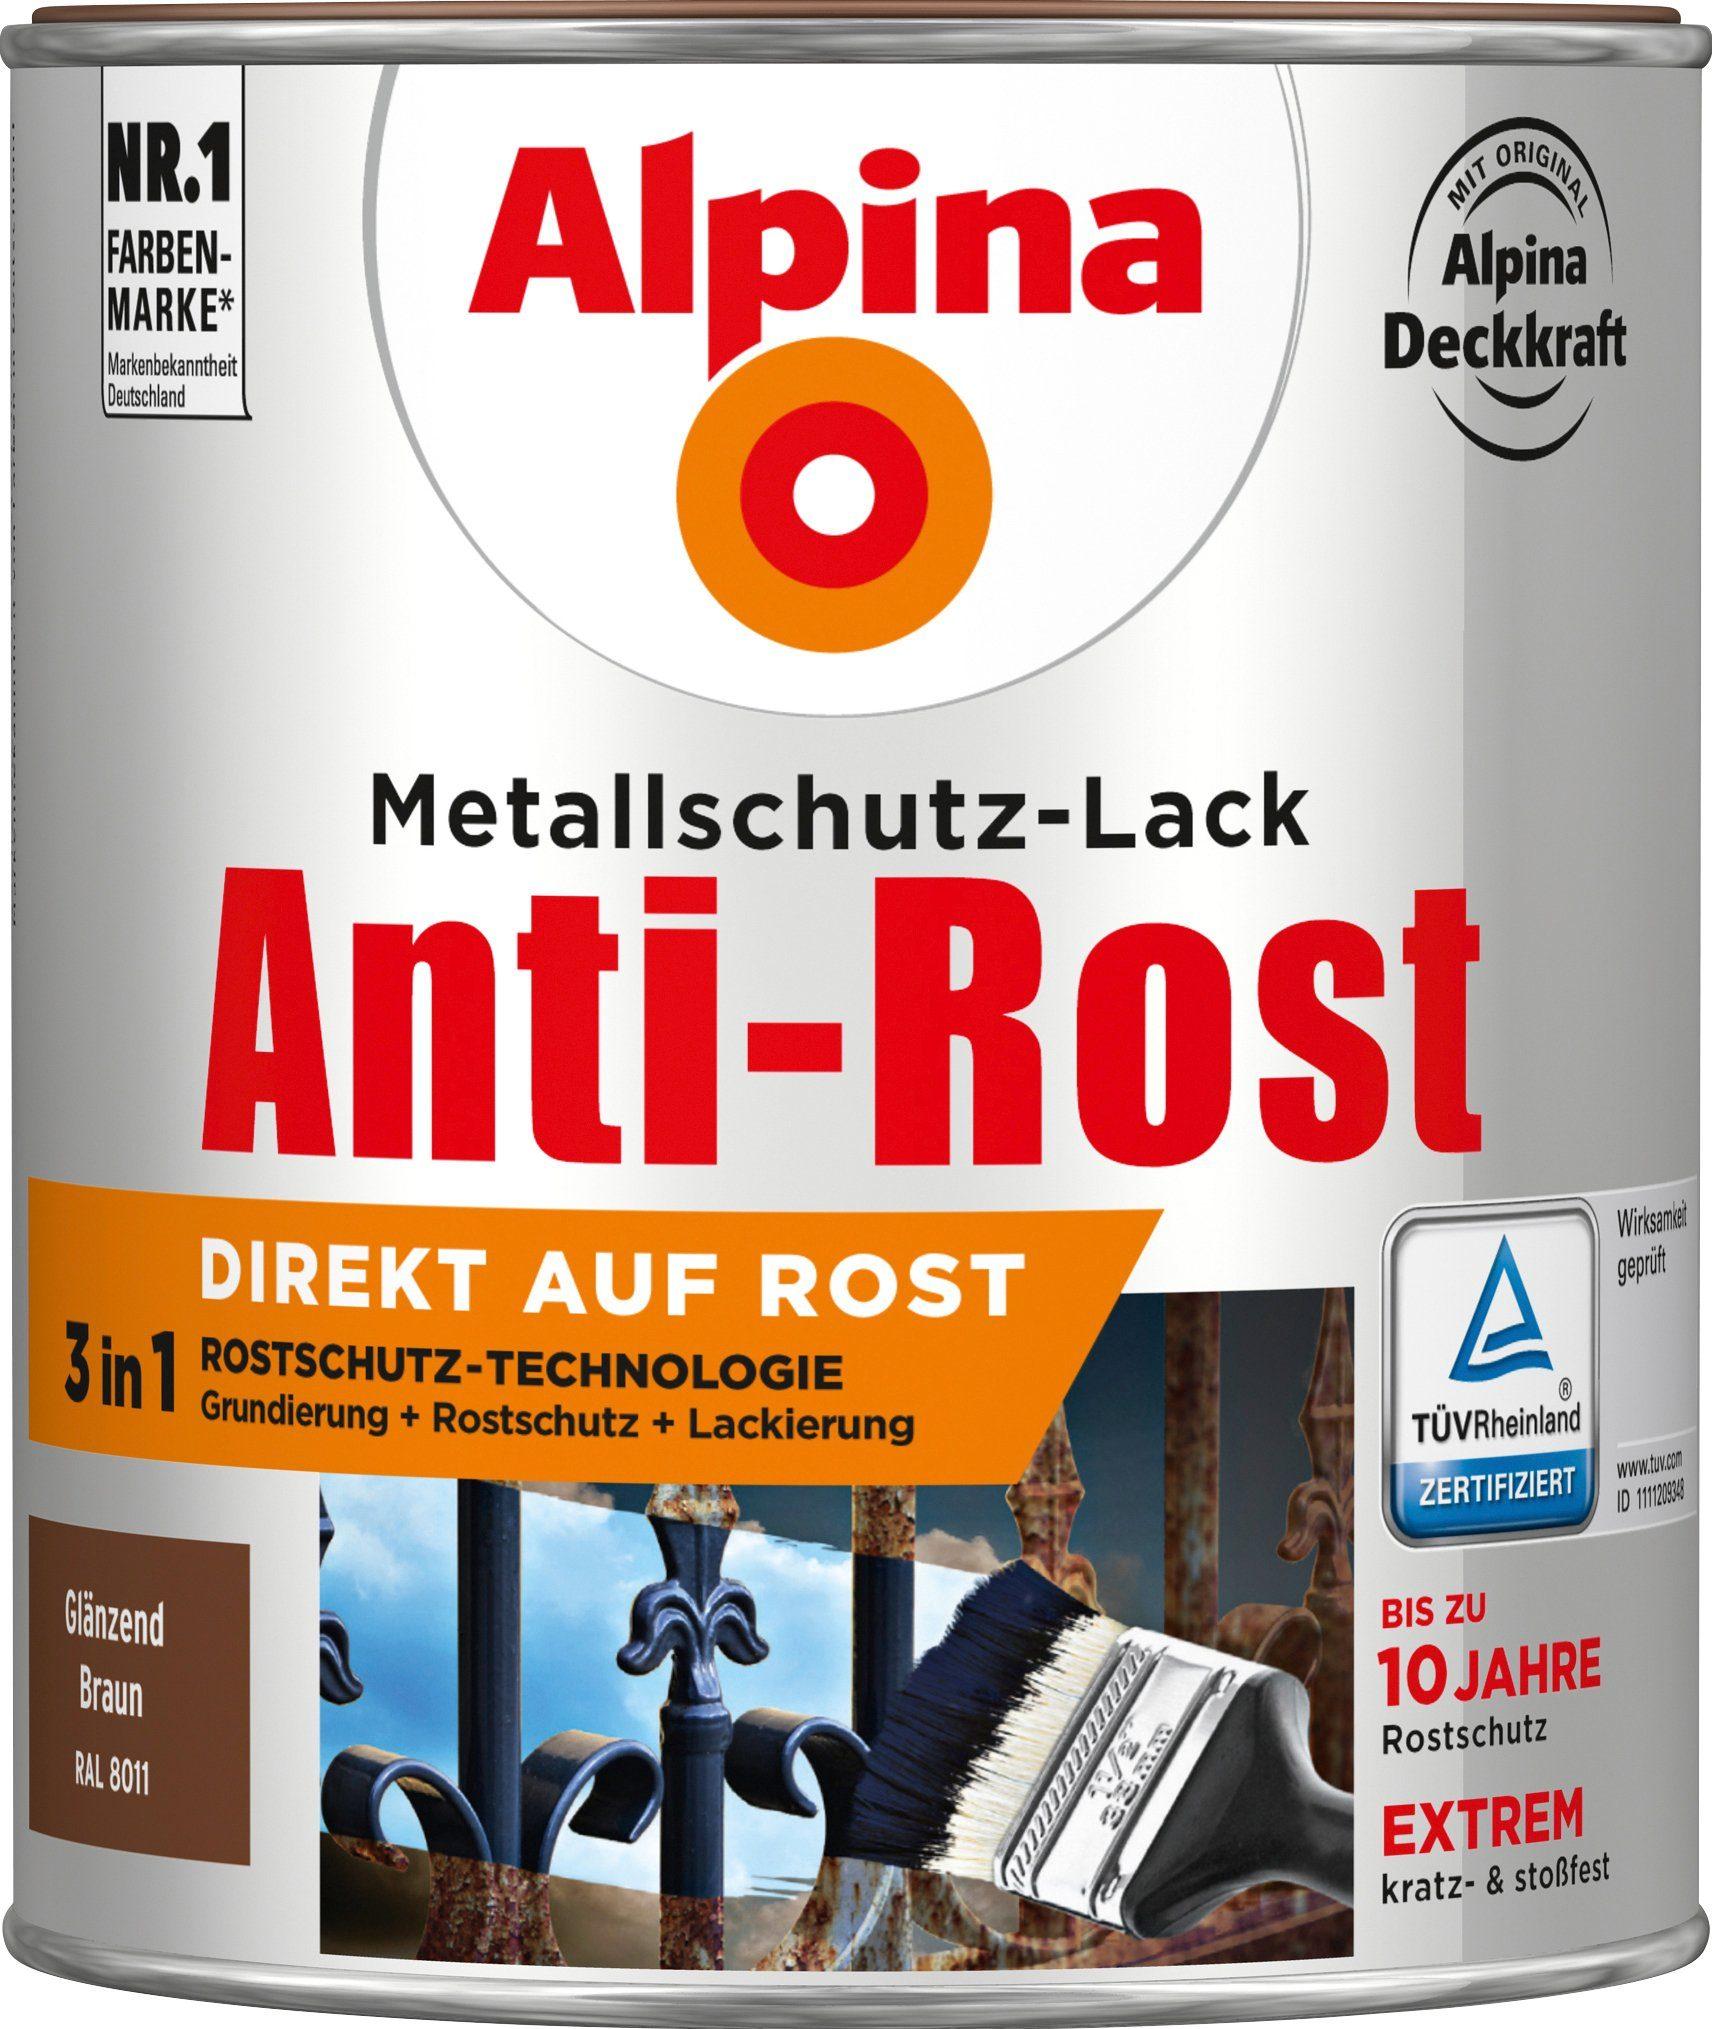 ALPINA Metallschutzlack »Anti-Rost - Glänzend Braun«, 3 in1, 750 ml